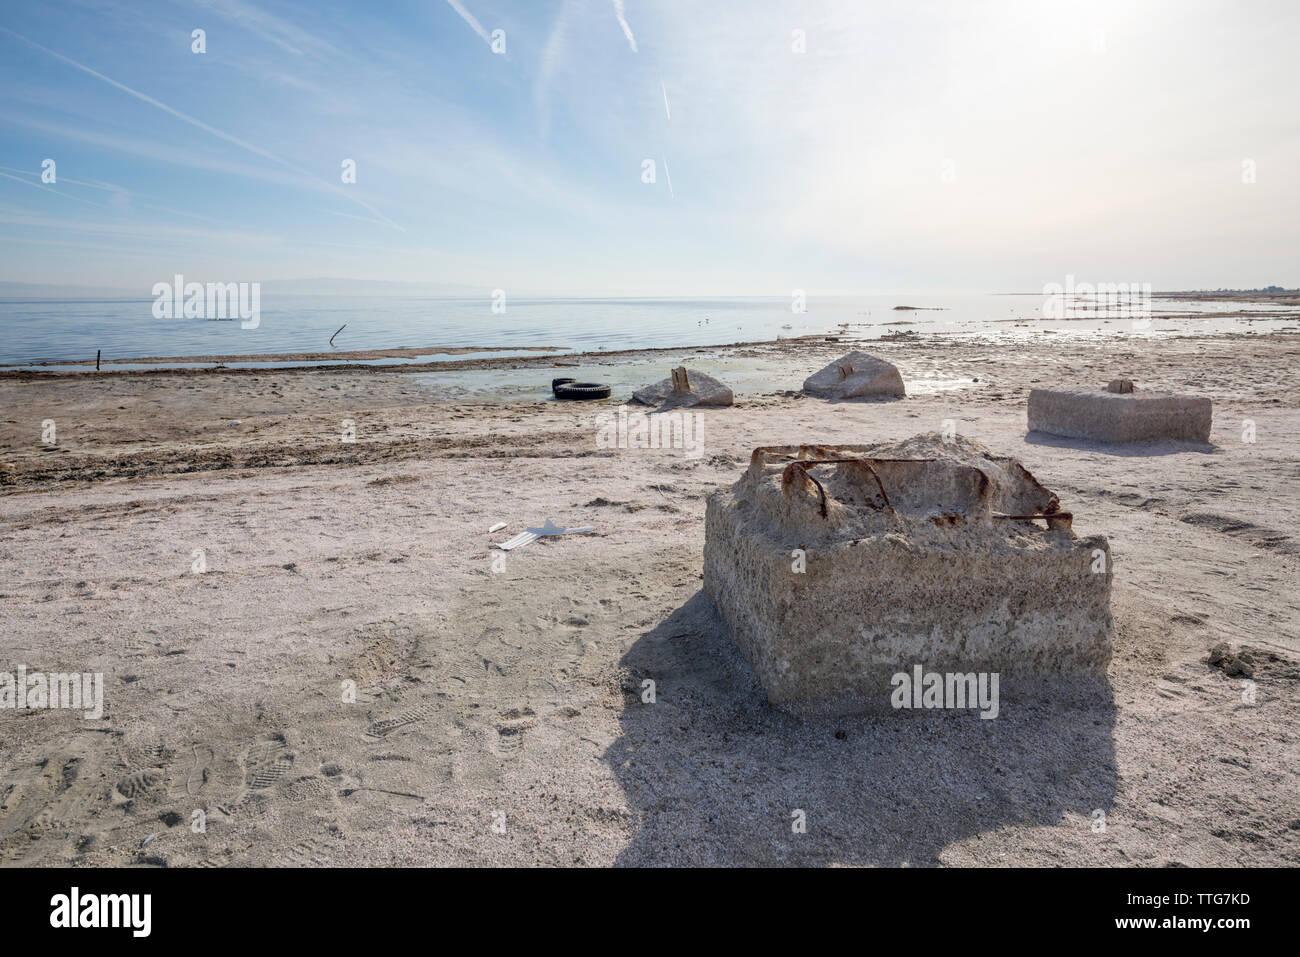 Estructuras de hormigón en la playa de Mar de Salton. Foto de stock